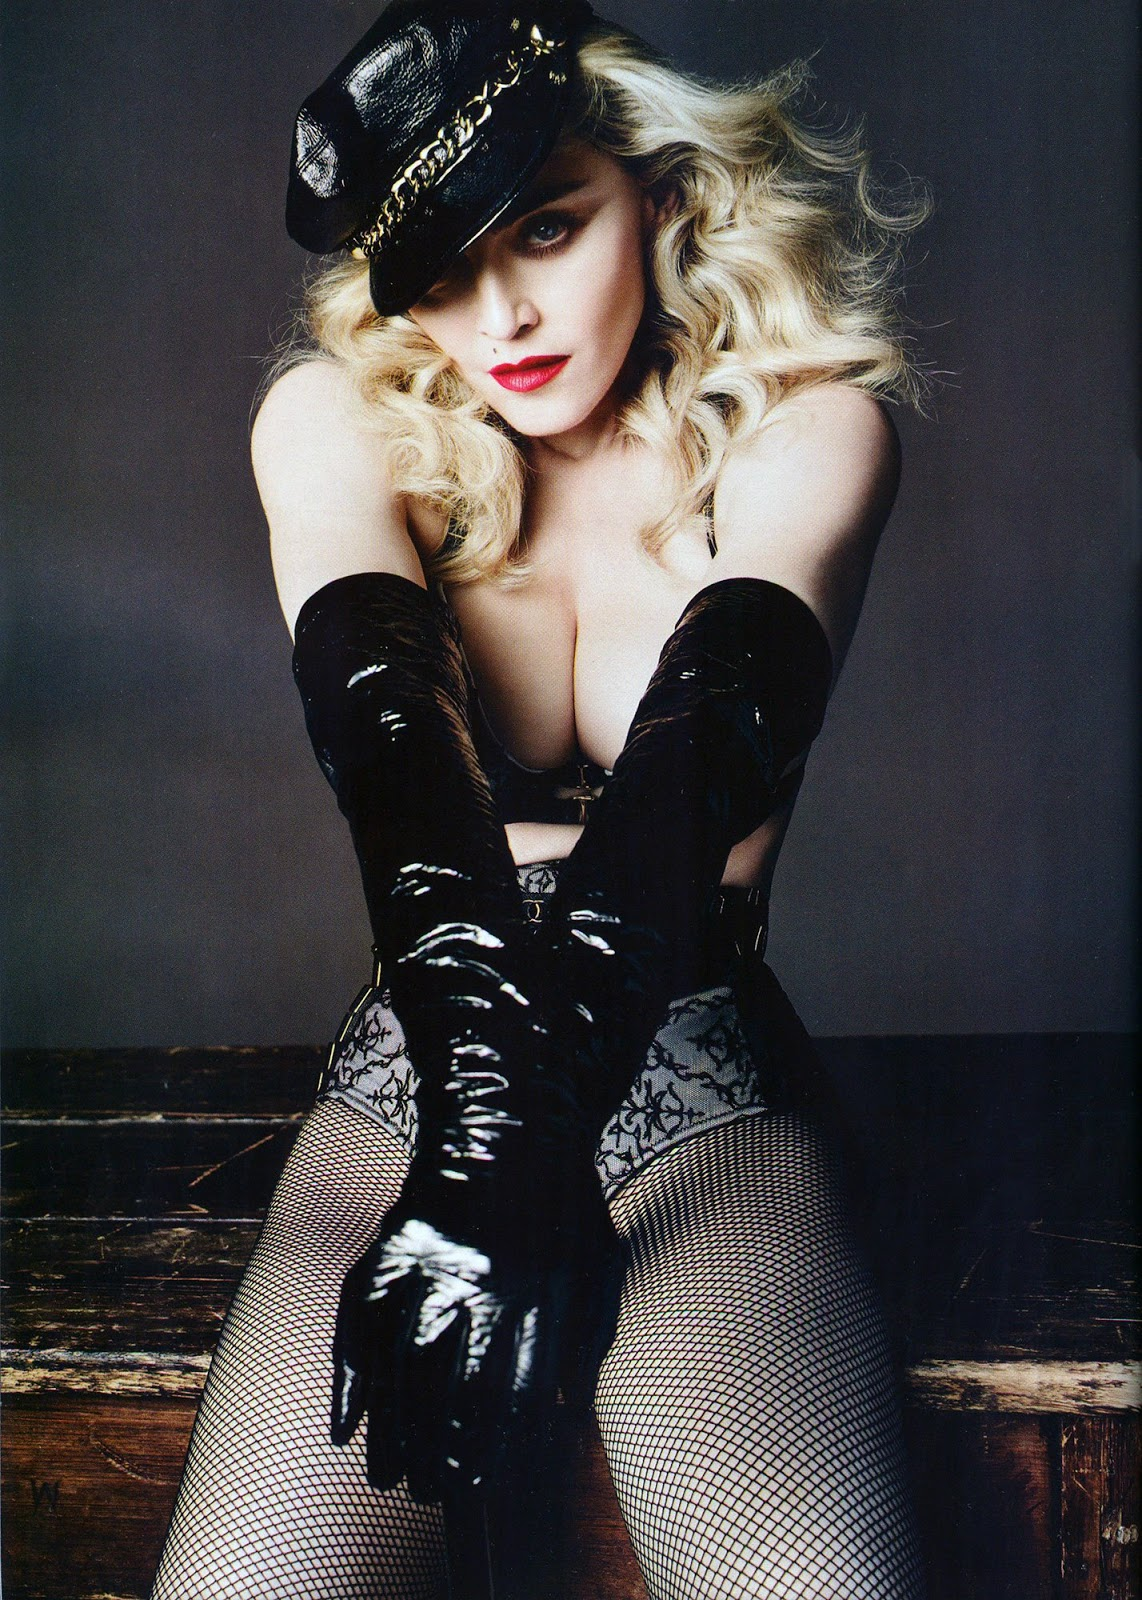 http://1.bp.blogspot.com/-7FmIdT_UGjM/U4yS1O-fT-I/AAAAAAAAXBw/2OnjNj5rHqk/s1600/Luomo_Vogue_Italia_Mayo_Junio_009.jpg